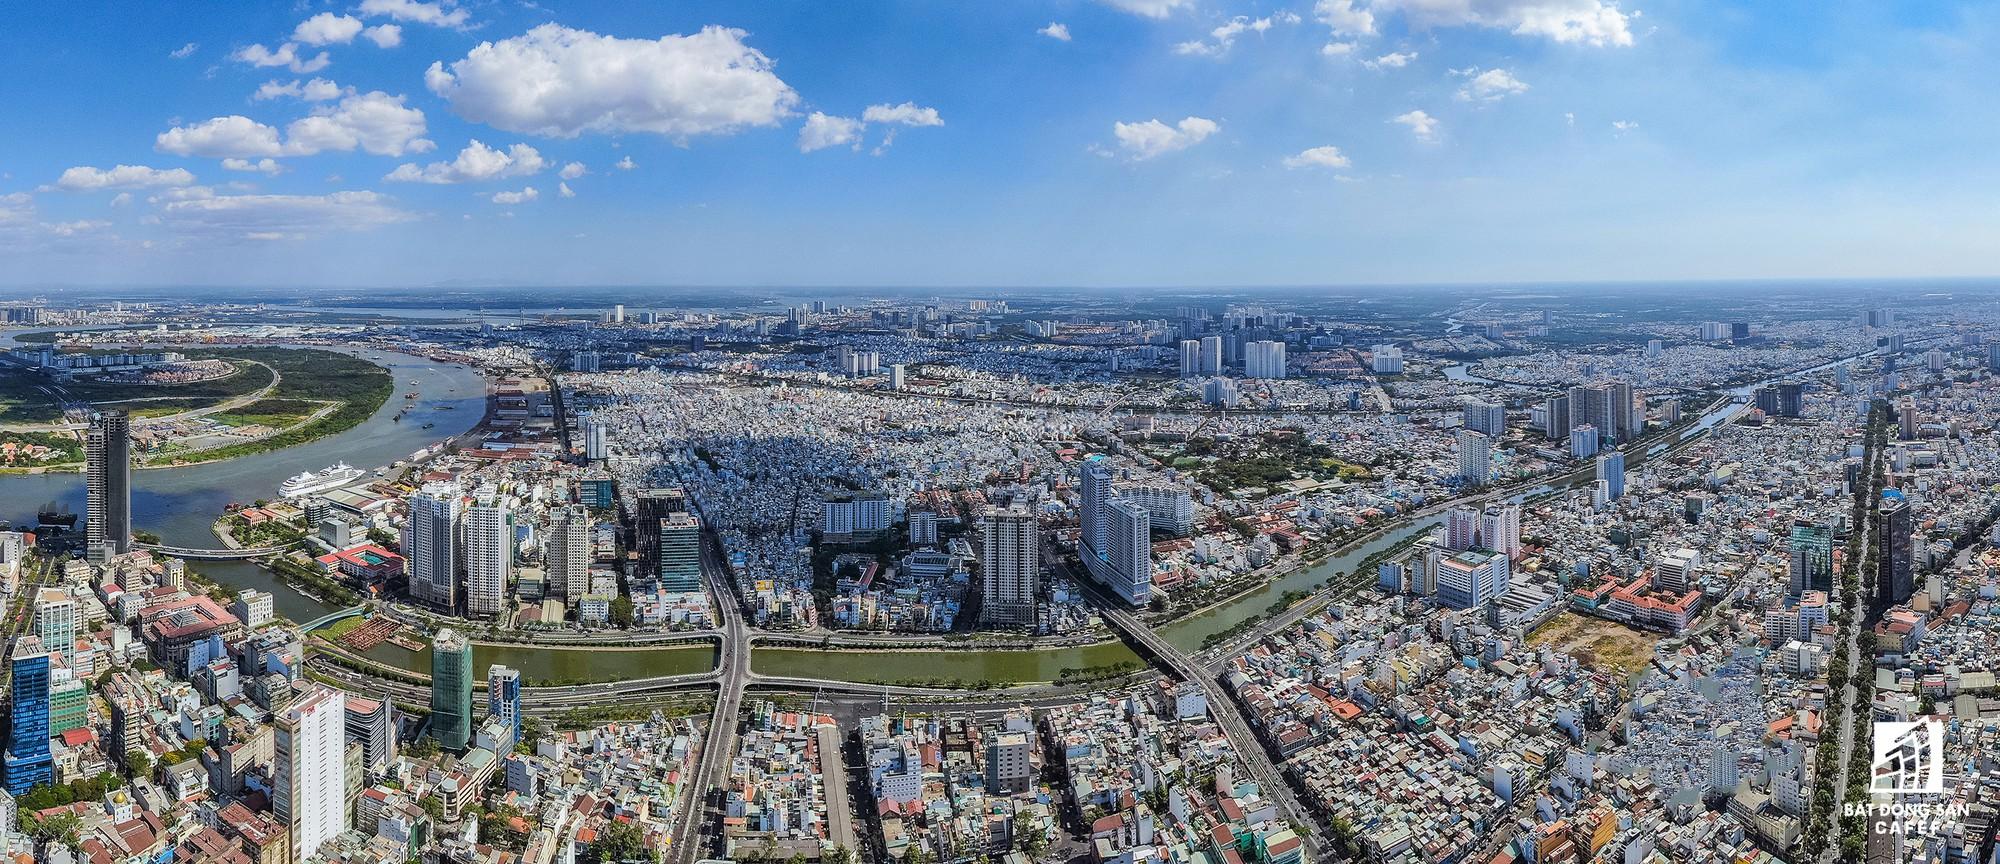 Diện mạo hai bờ sông Sài Gòn tương lai nhìn từ loạt siêu dự án tỷ đô, khu vực trung tâm giá nhà lên hơn 1 tỷ đồng/m2 - Ảnh 31.